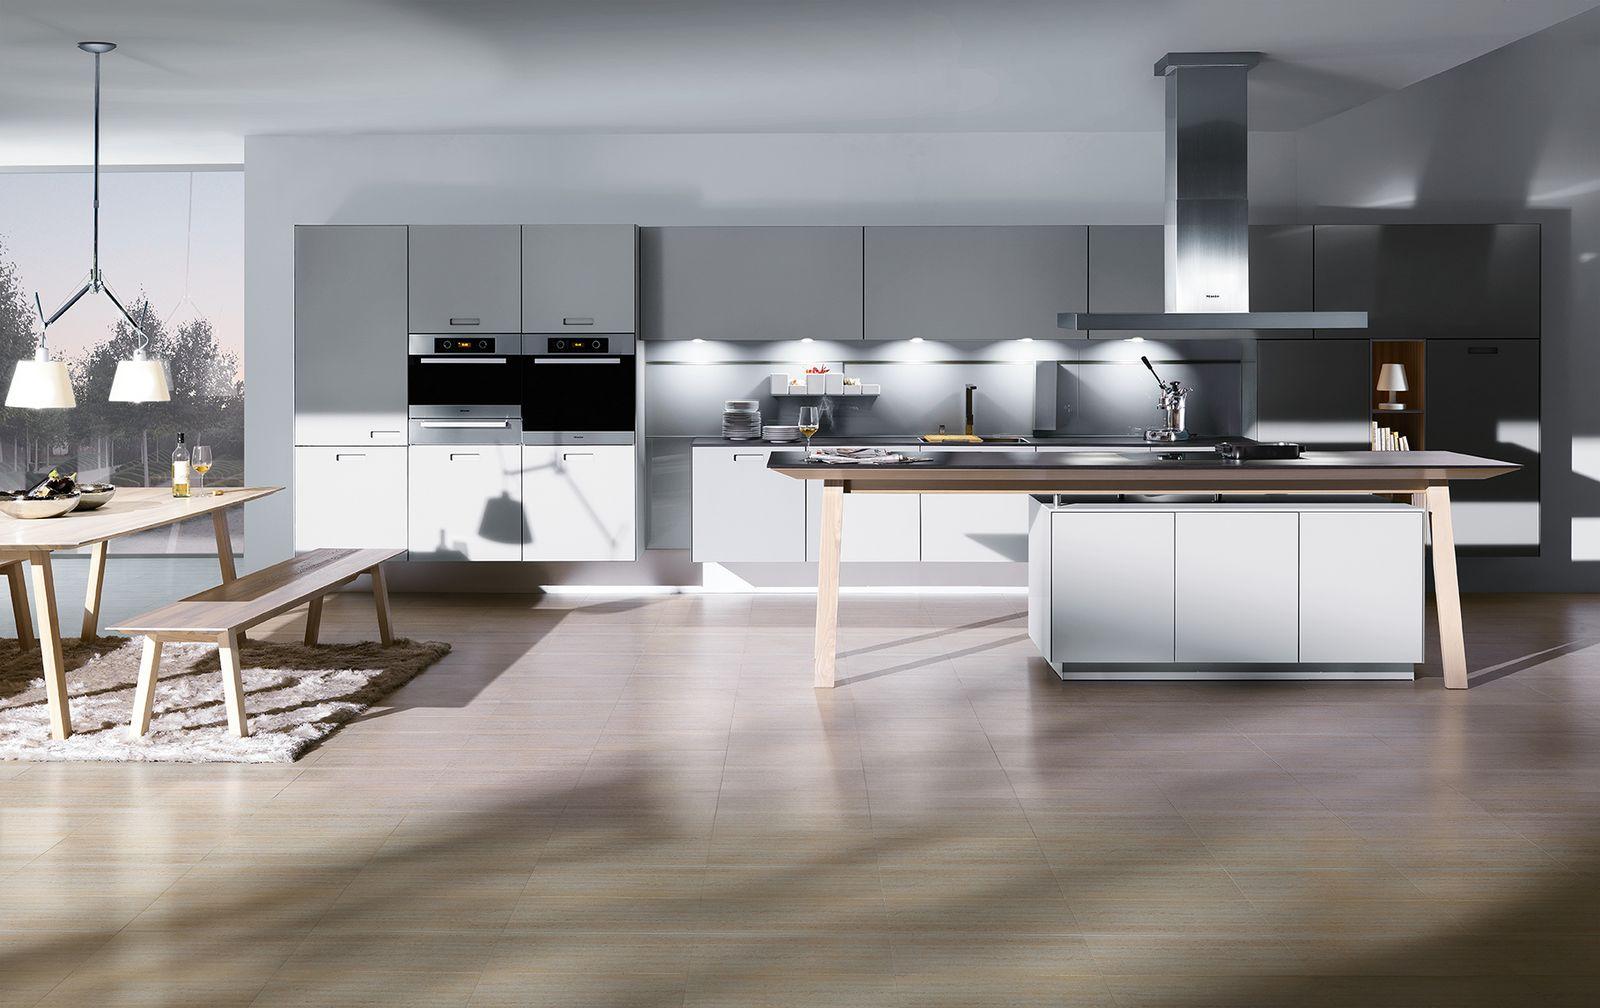 Ein gutes Küchenstudio lässt sich anhand einiger Merkmale erkennen.